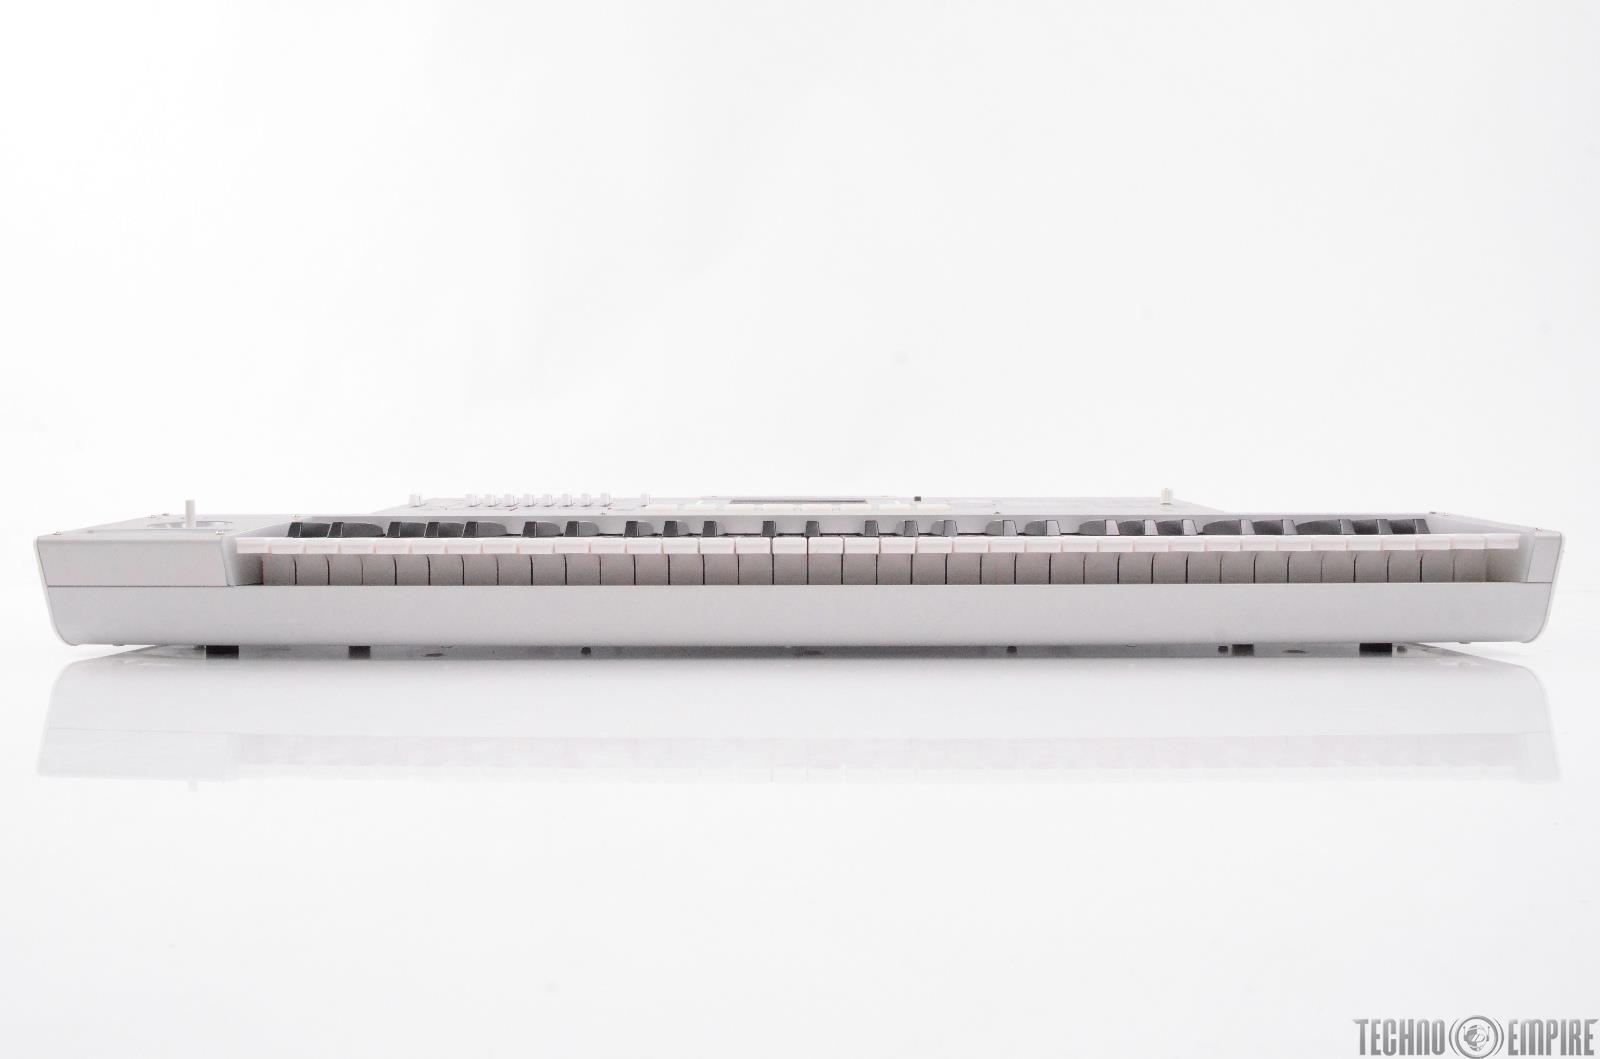 korg m3 xpanded music workstation sampler 61 key keyboard 27674. Black Bedroom Furniture Sets. Home Design Ideas